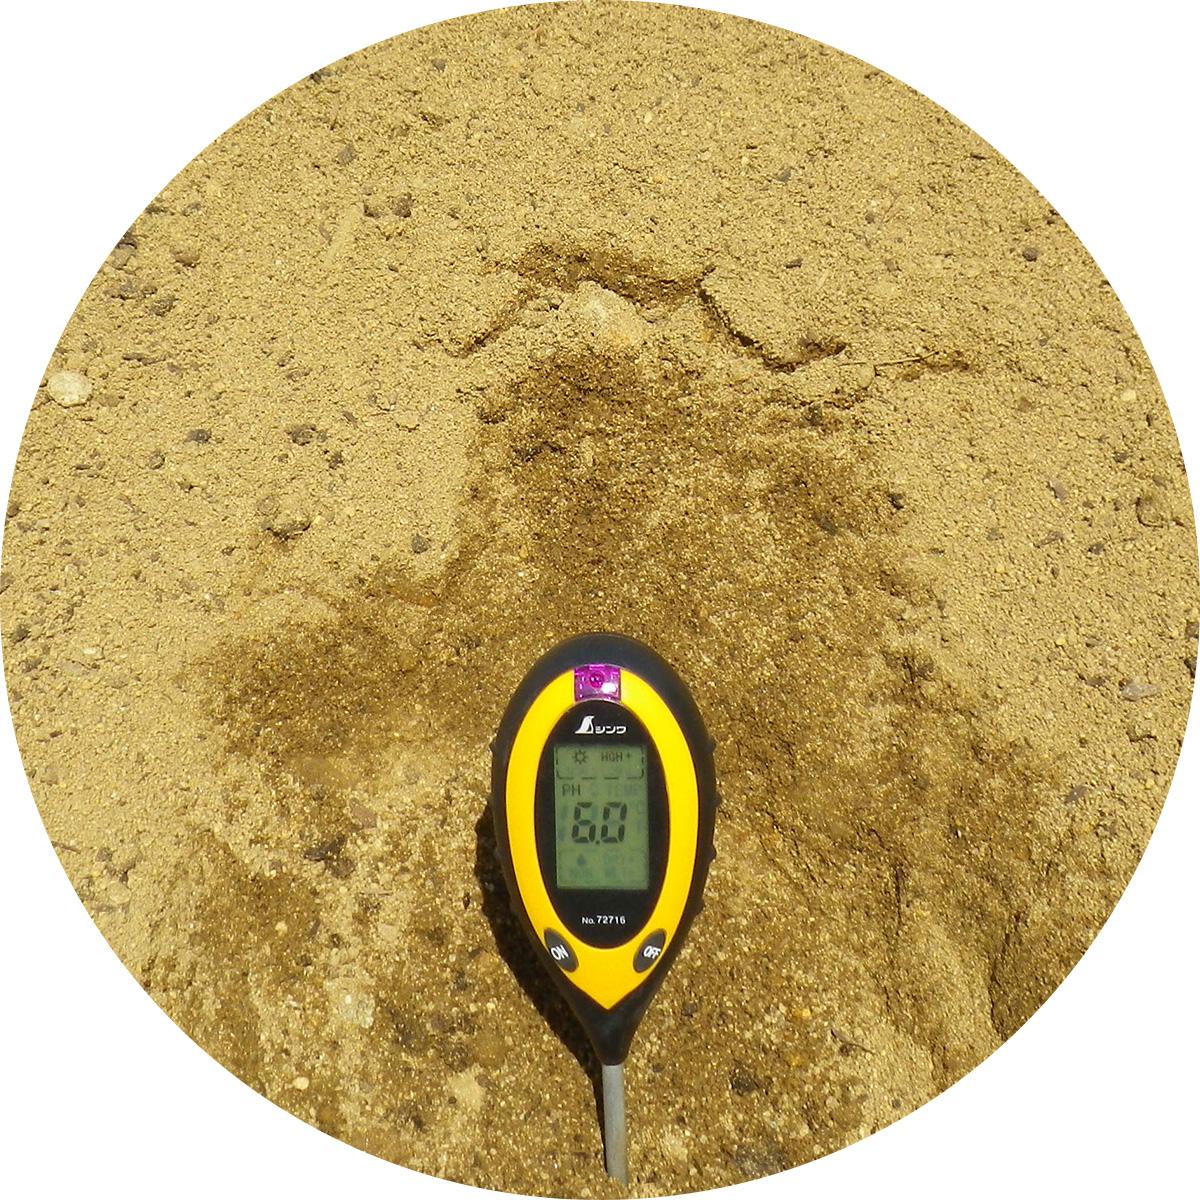 酸度(pH値)も6.0前後と、植物や農作物の発育に適しています。